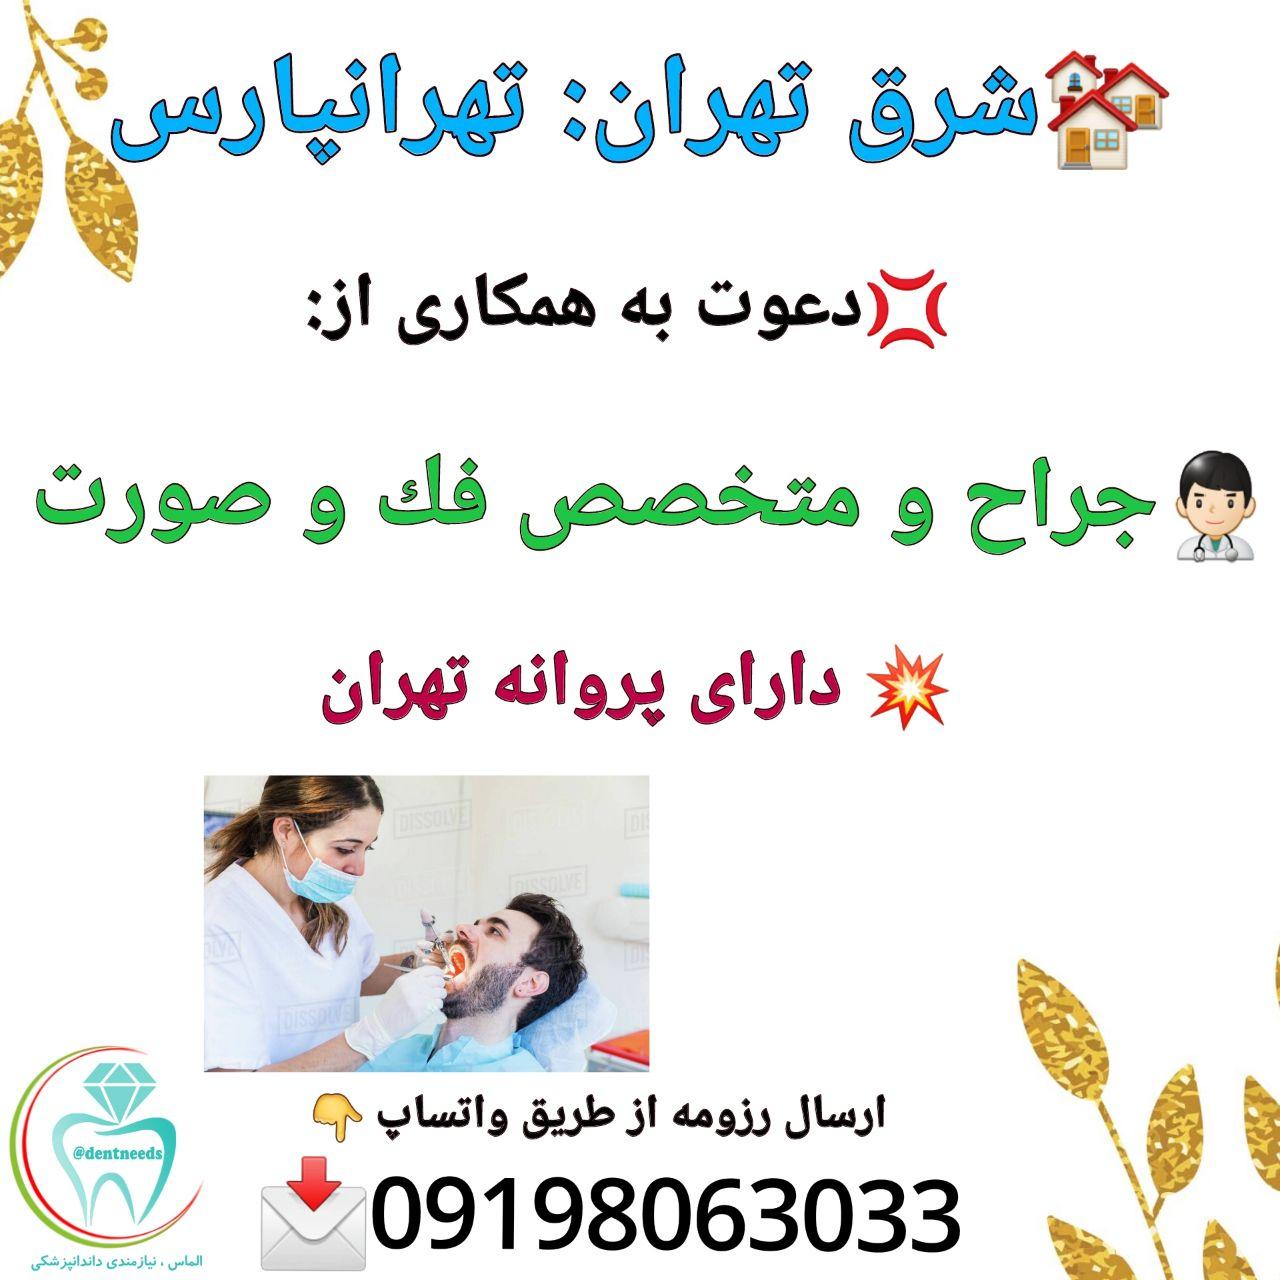 شرق تهران: تهرانپارس، نیاز به جراح و متخصص فک و صورت